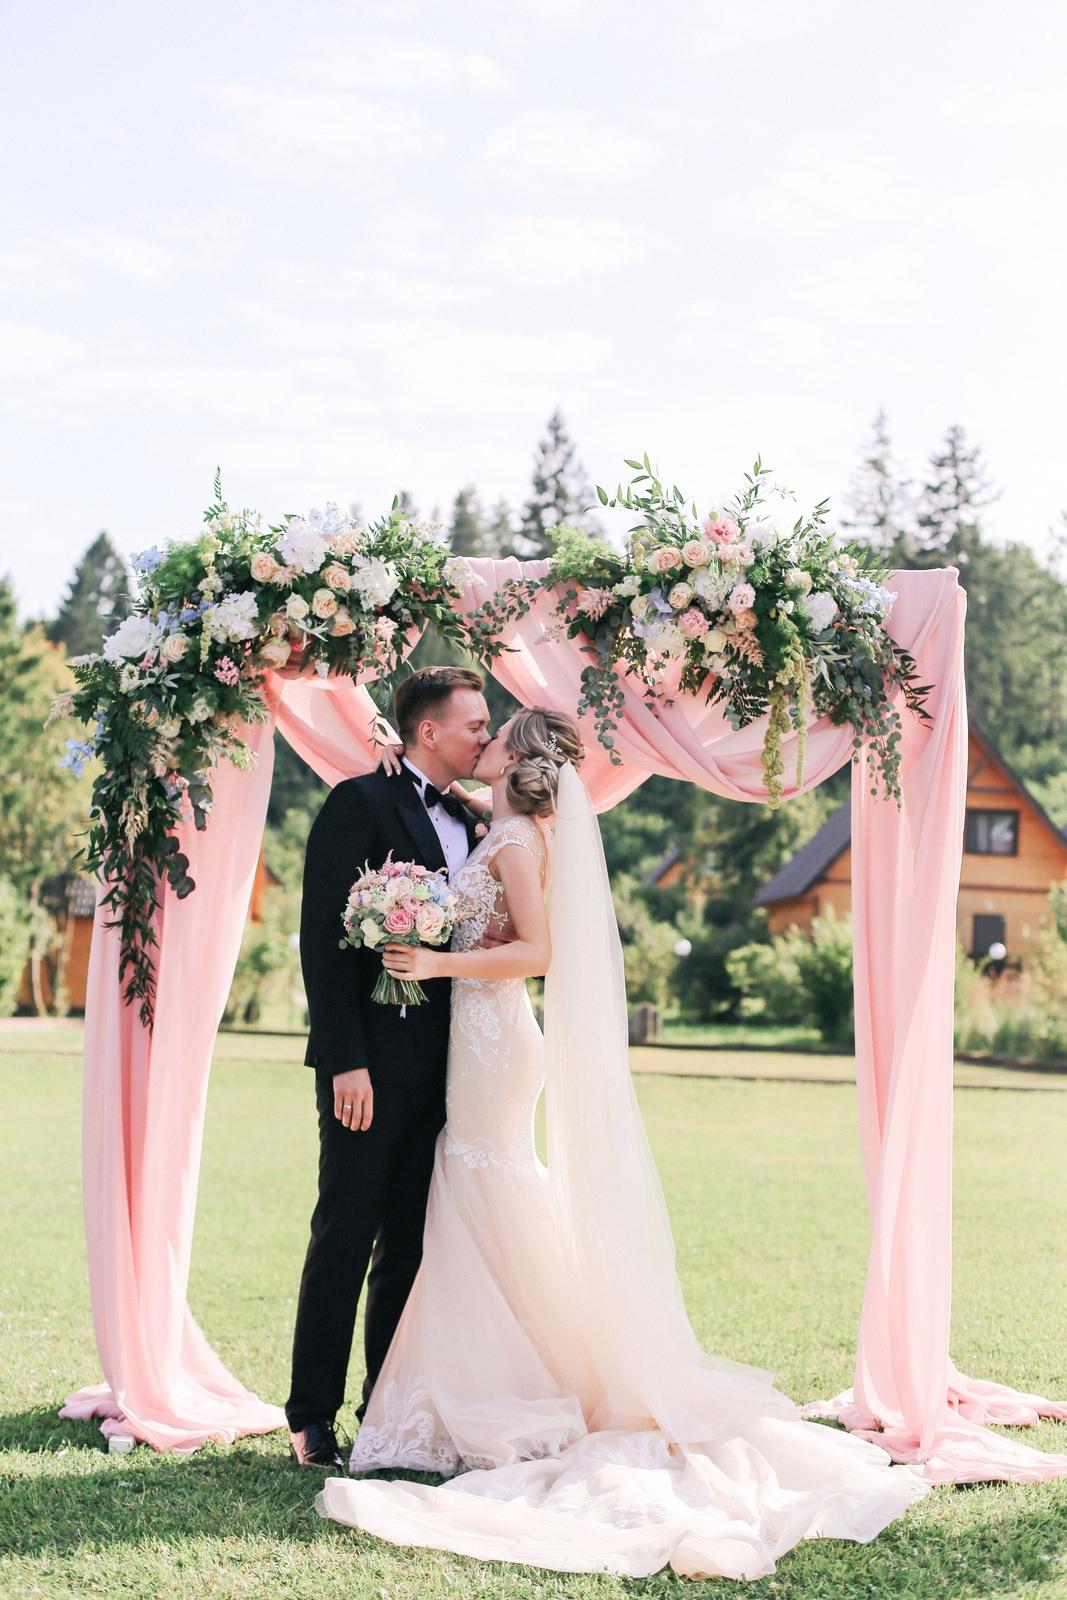 Загородная классика: свадьба в розово-голубой палитре